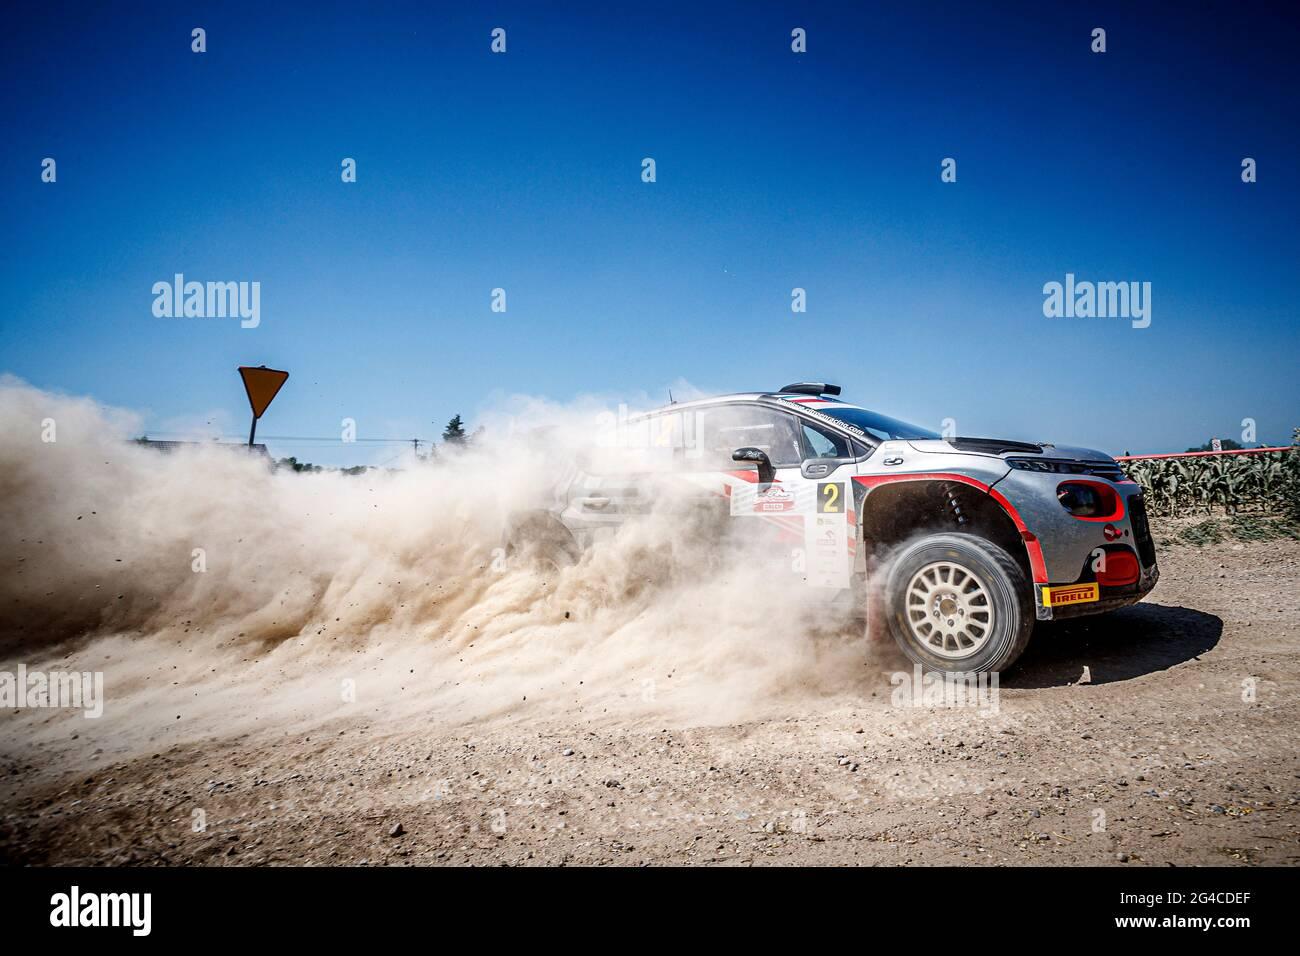 Mikolajki, Polen. Juni 2021. 02 POOM Roland (EST), GARROD Darren (GBR), SAINTELOC JUNIOR TEAM, croen C3, Aktion während der Rallye Polen 2021, 1. Lauf der FIA-Rallye-Europameisterschaft 2021, vom 18. Bis 20. Juni 2020 in Mikolajki, Polen - Foto Grégory Lenormand / DPPI Credit: DPPI Media/Alamy Live News Stockfoto